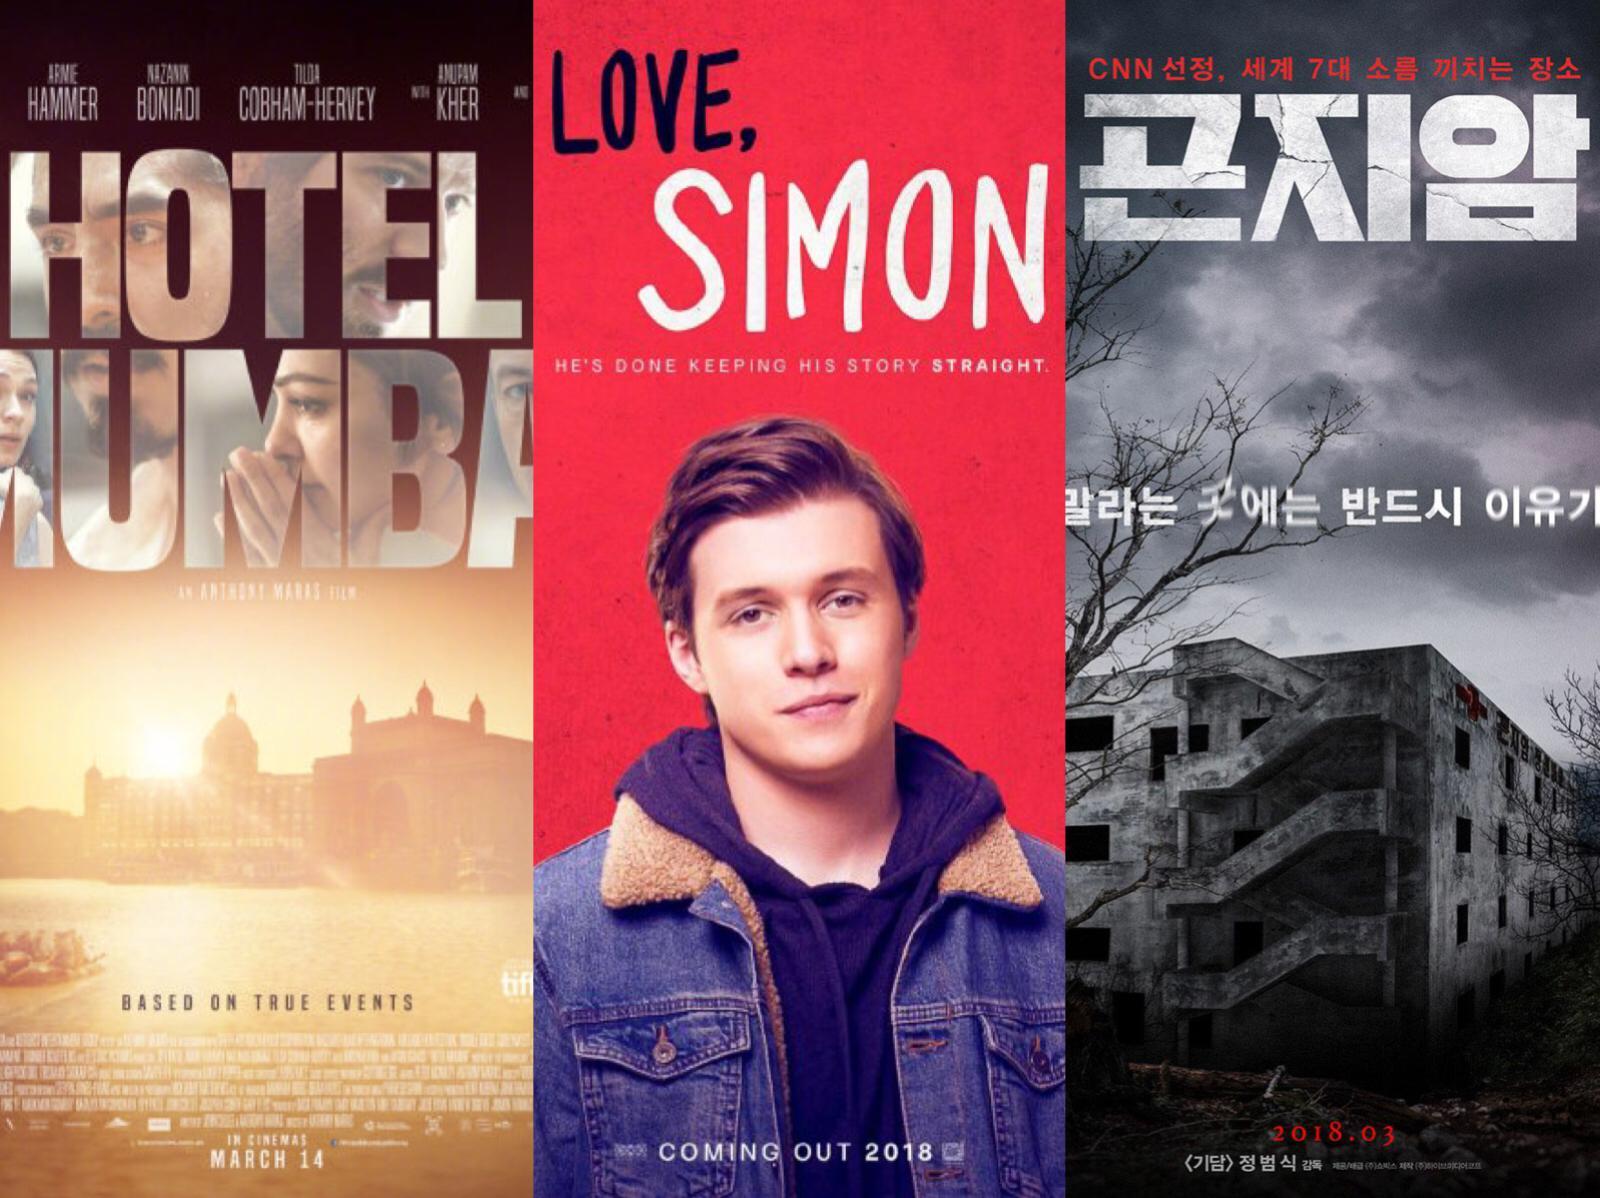 北影节展映片单更新,新增《爱你,西蒙》《昆池岩》等